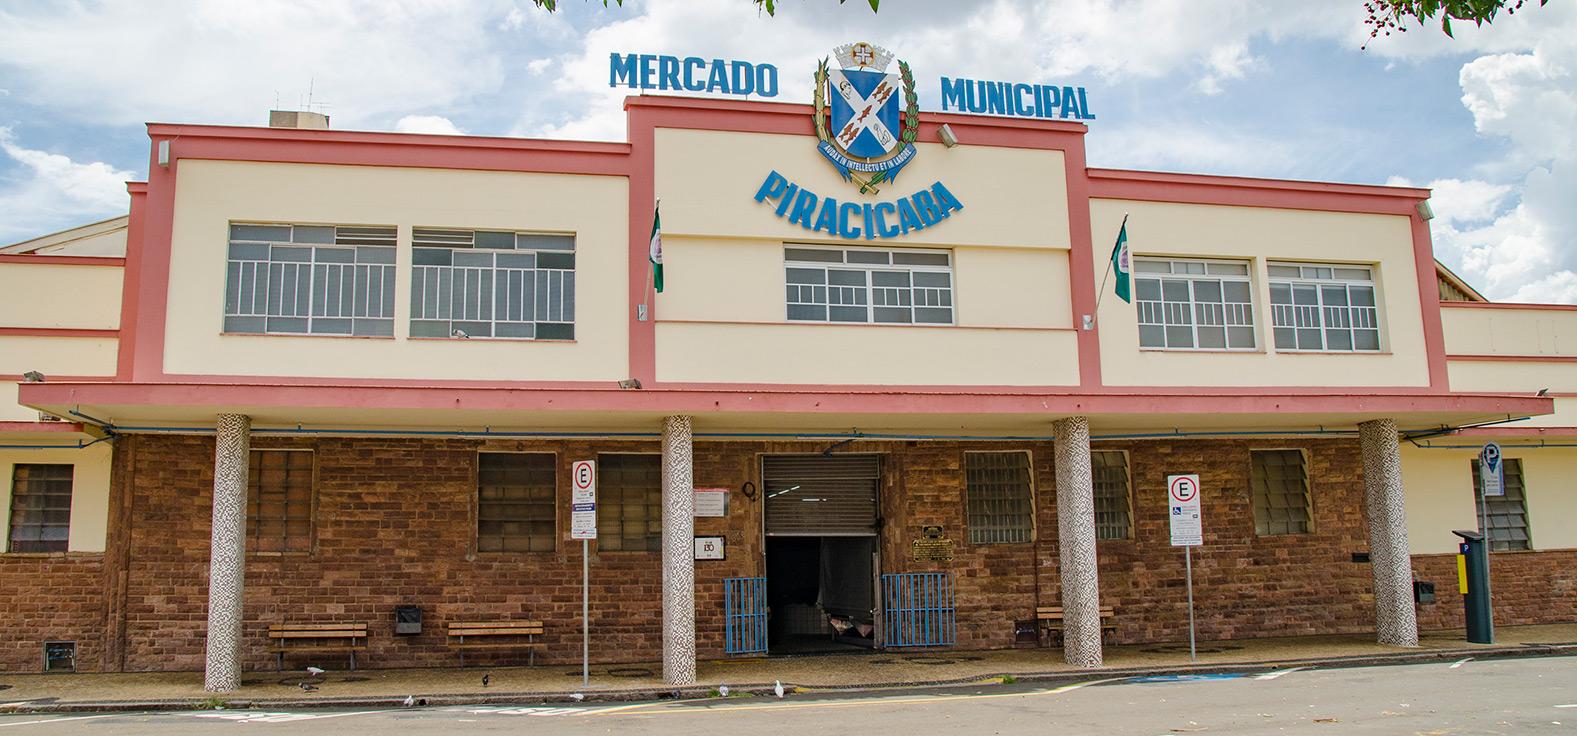 Mercado Municipal em Piracicaba | Portal Serra do Itaquerí